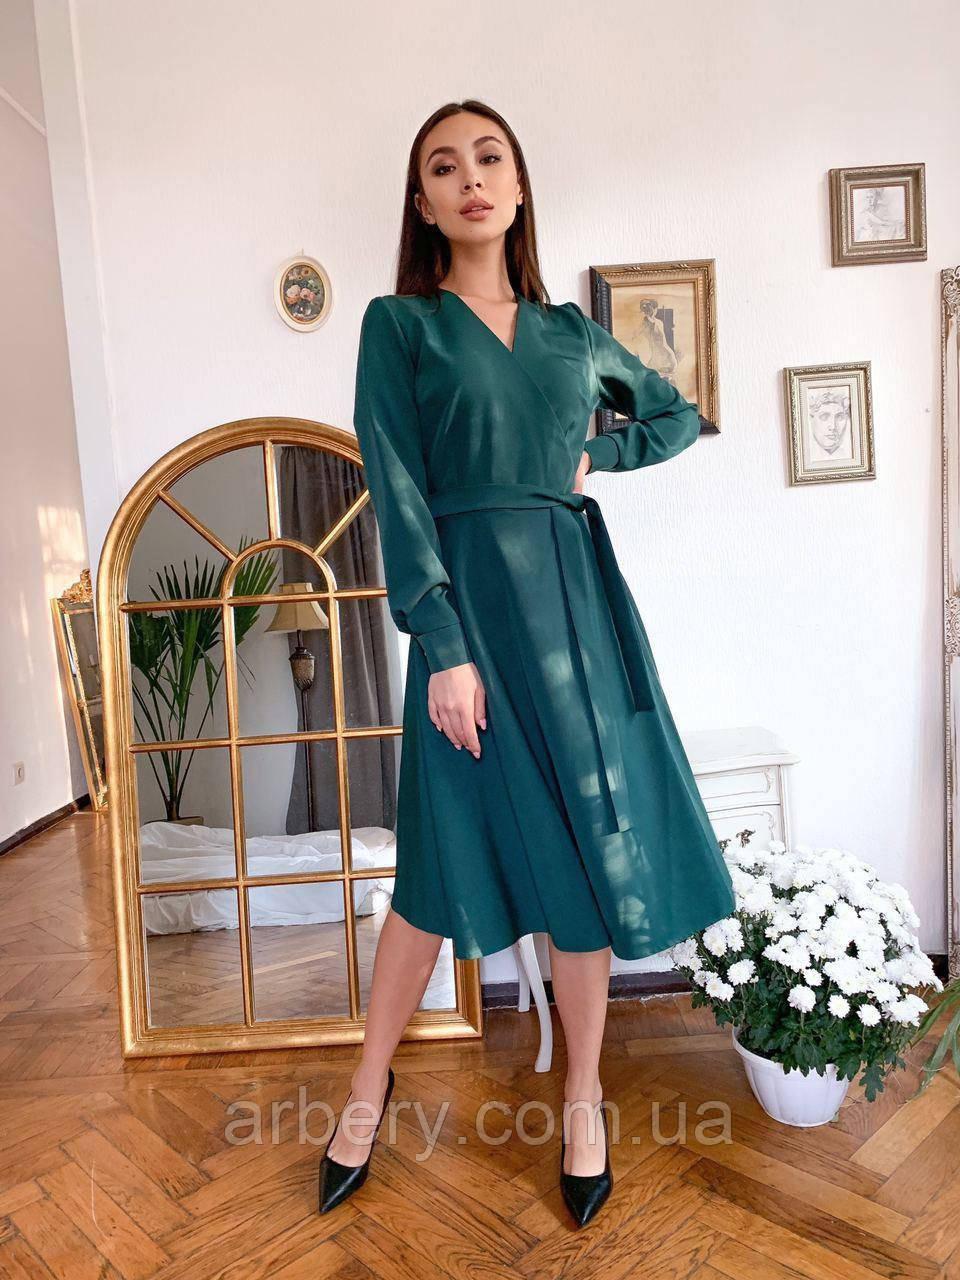 Шикарное платье на запах в любимой длине миди